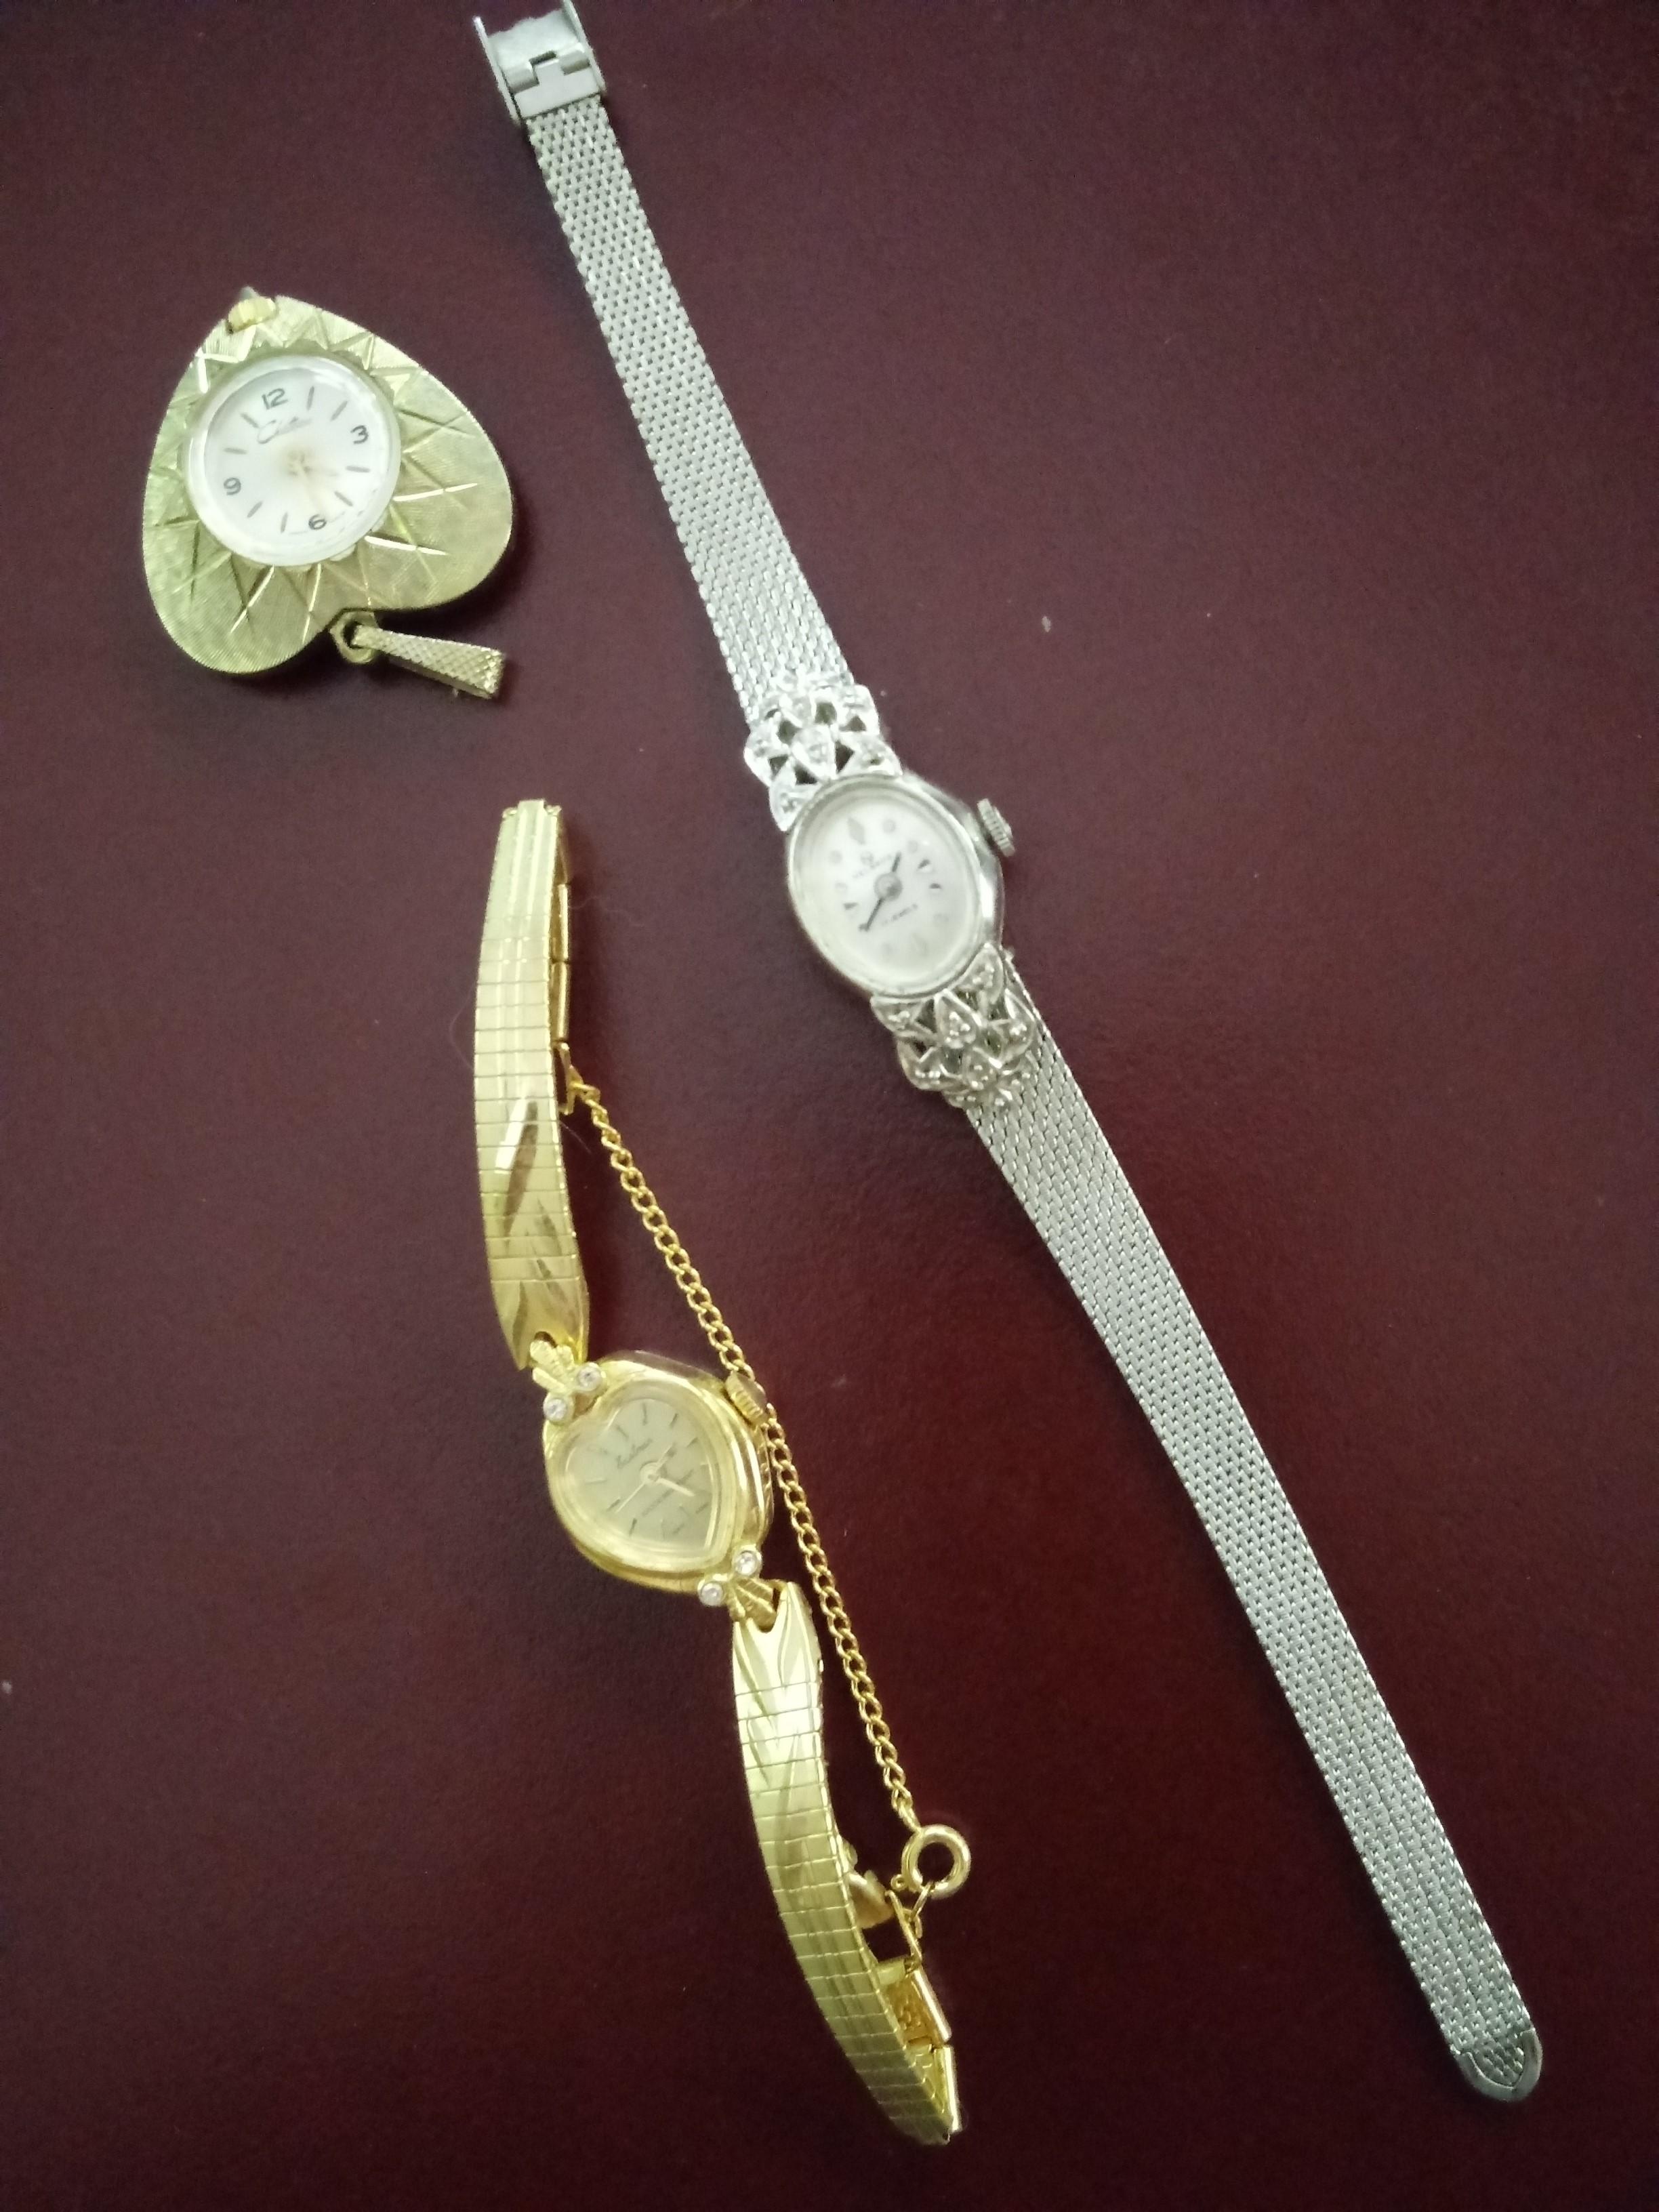 Wristwatch 4